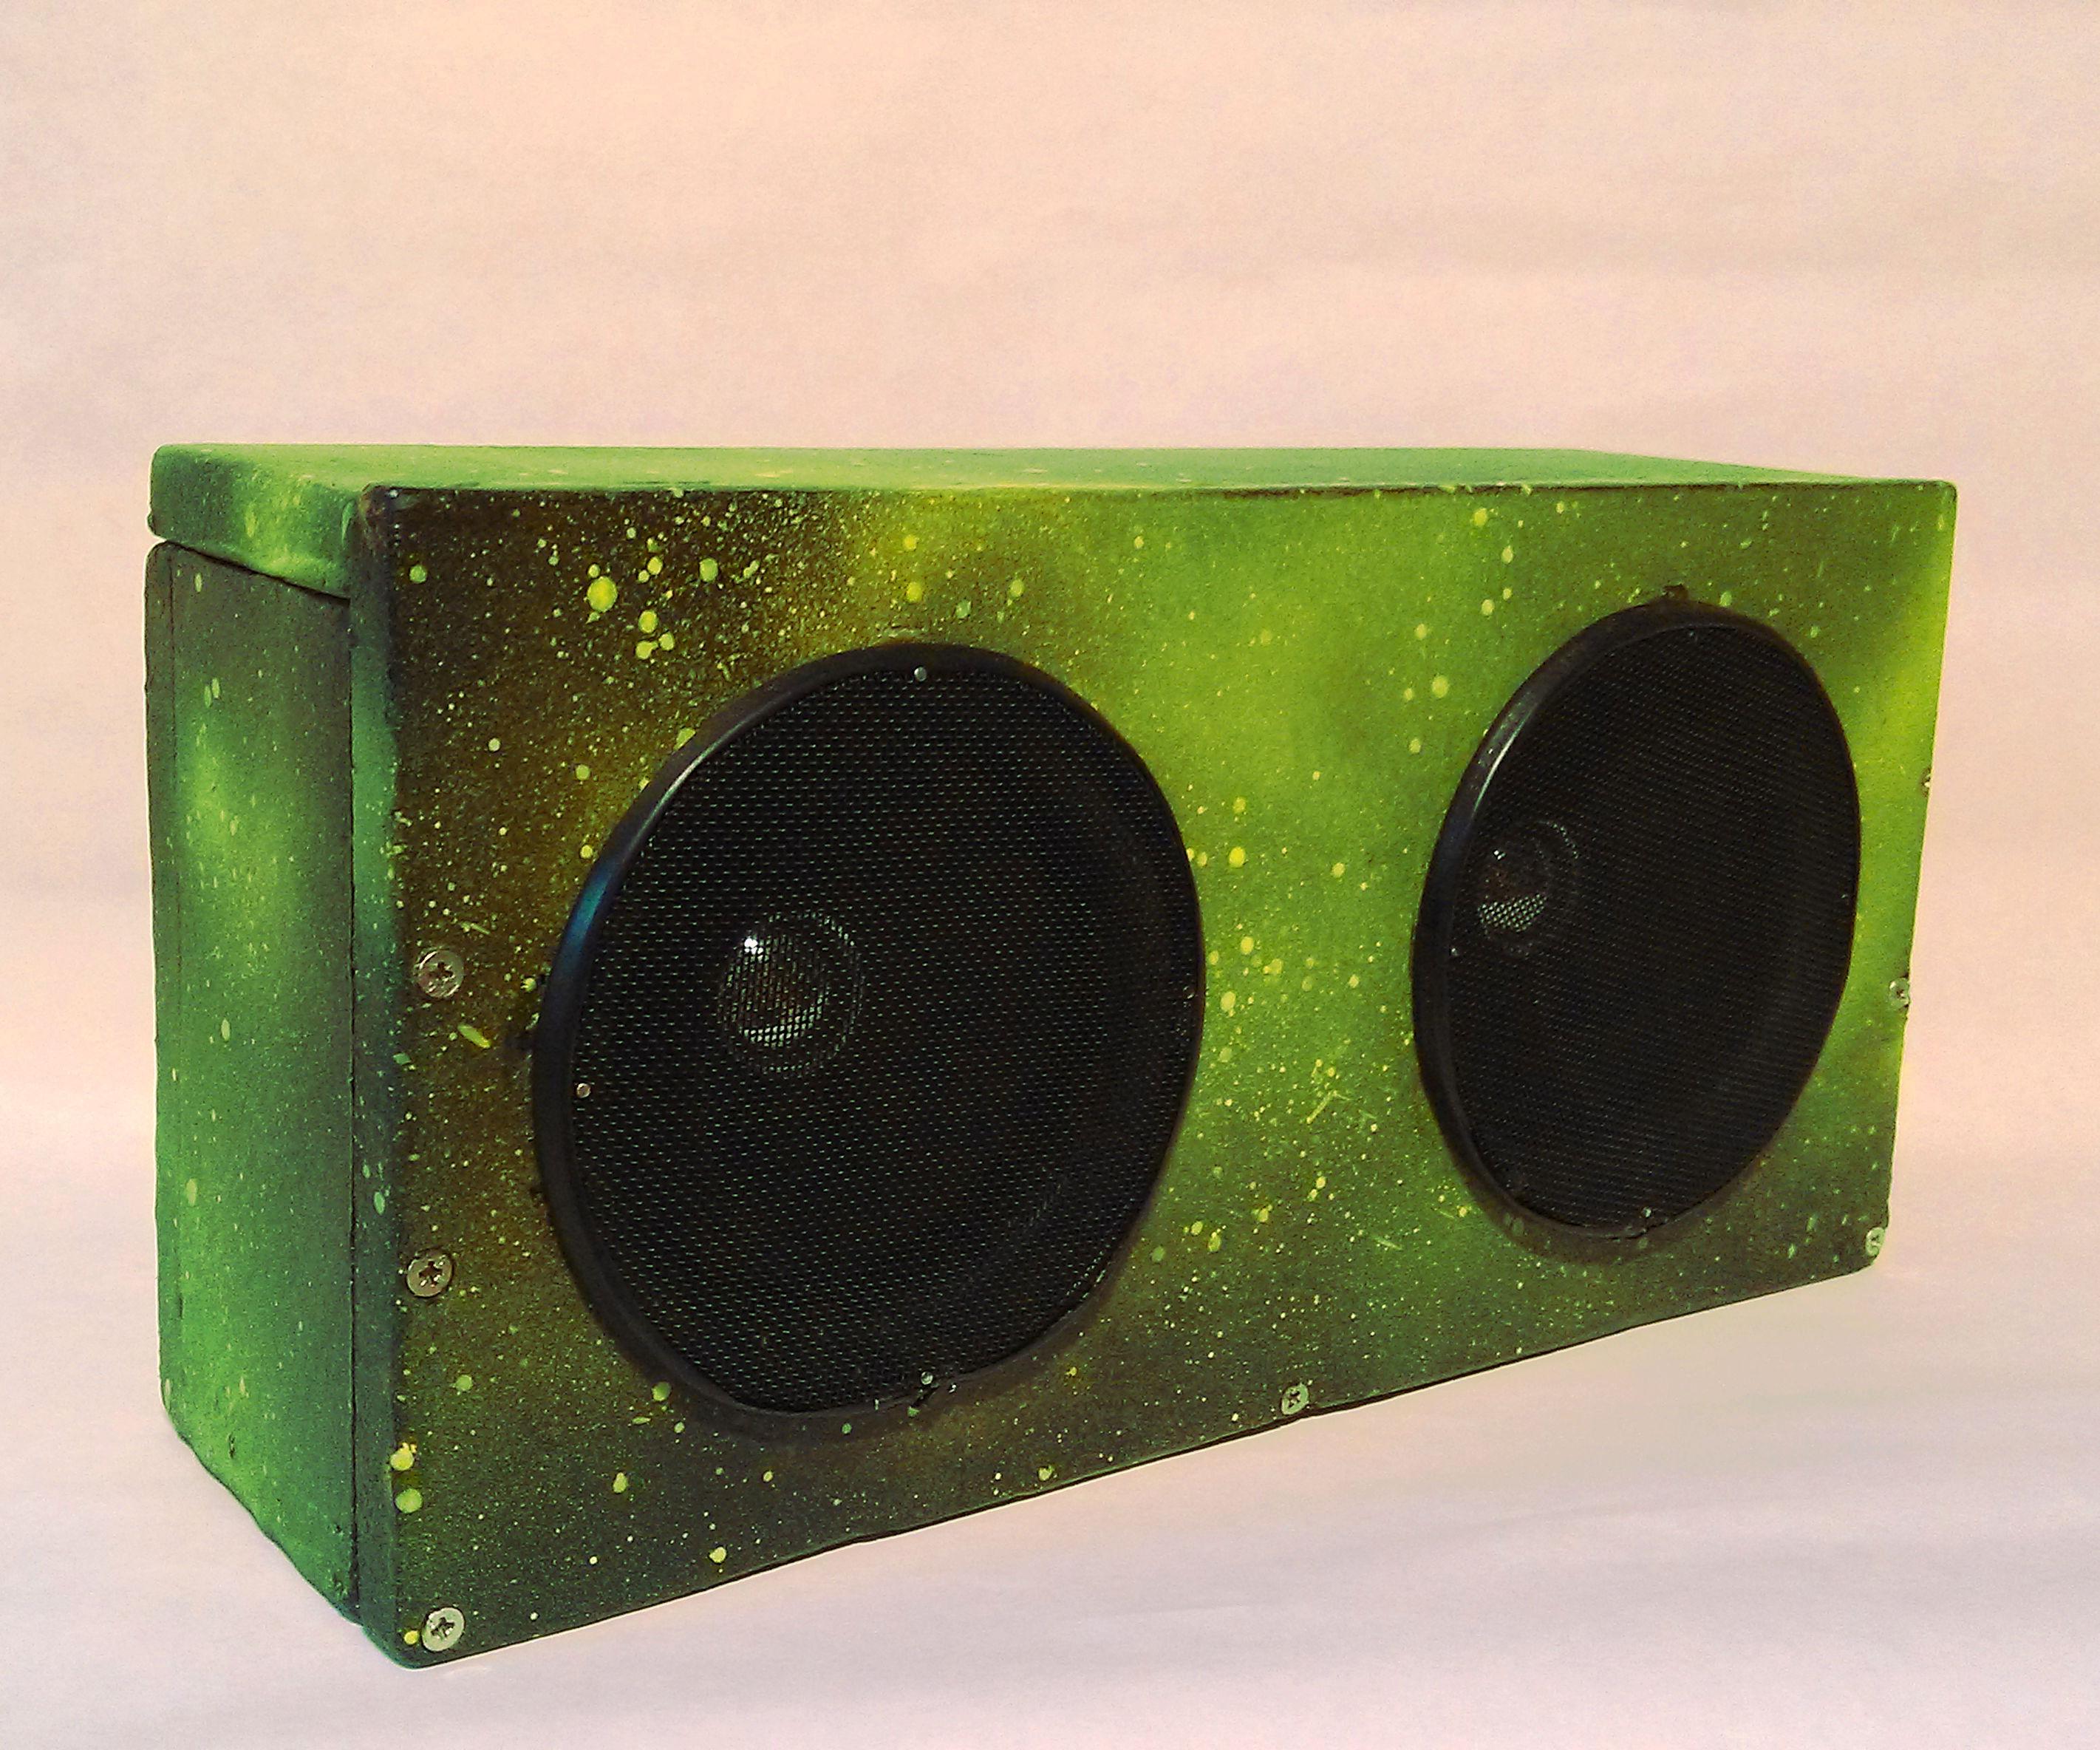 DIY Bluetooth Speaker under 5$